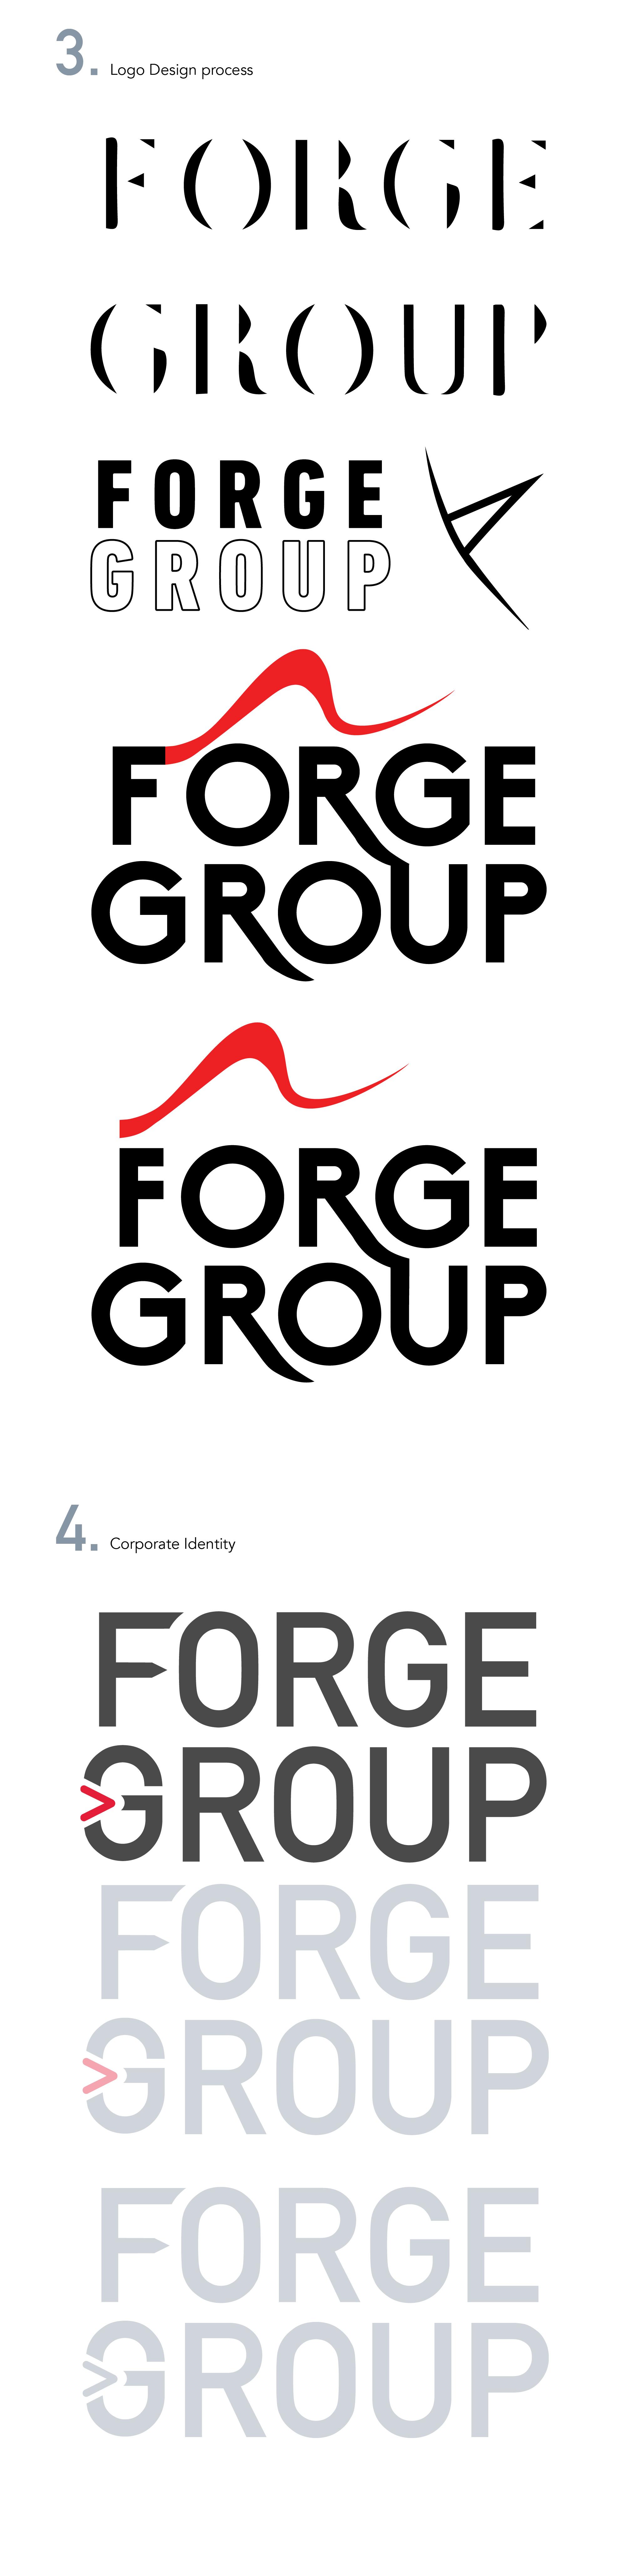 ProcessBook_BibianaAguero_ForgeGroup2